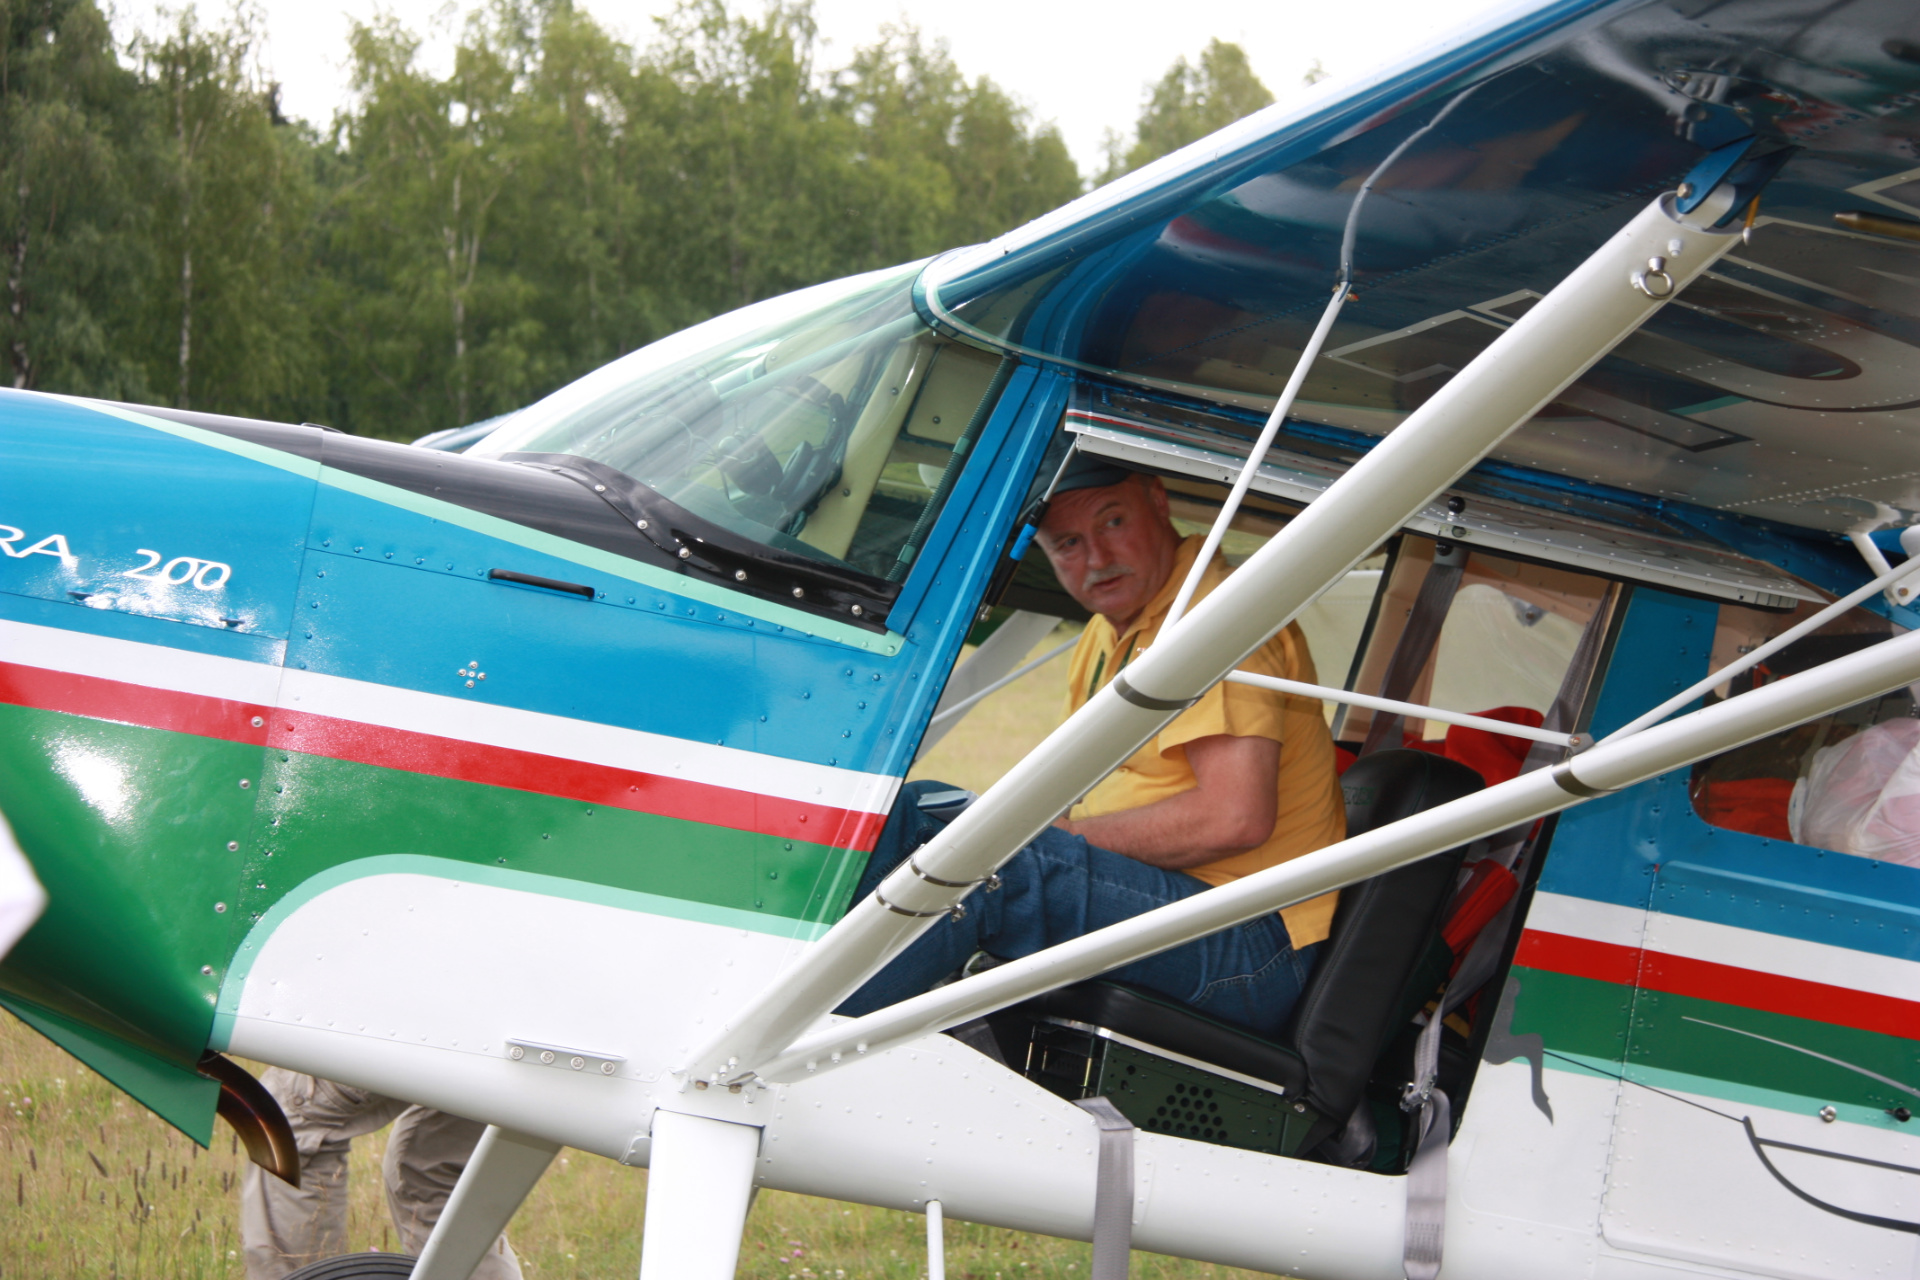 Александр Перфильев: Легкомоторная авиация поможет развивать туризм в Вологодской области